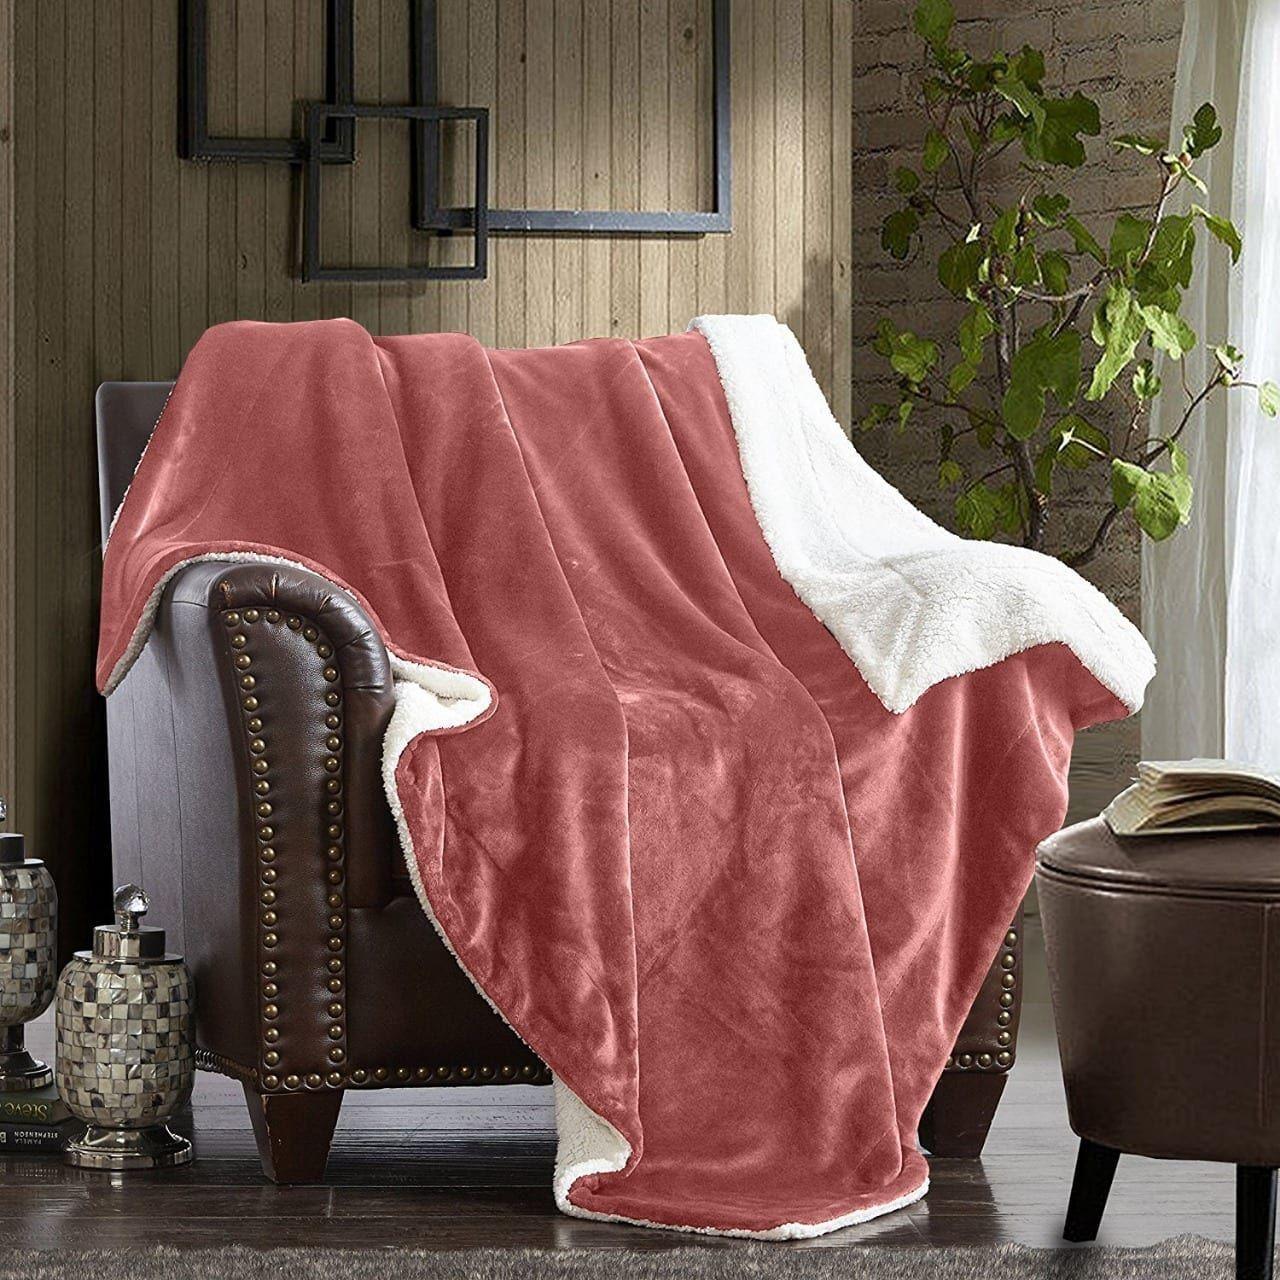 بطانية مخمل وفرو مزدوجه قرمزي فاتح ريزا Butterfly Chair Throw Blanket Blanket